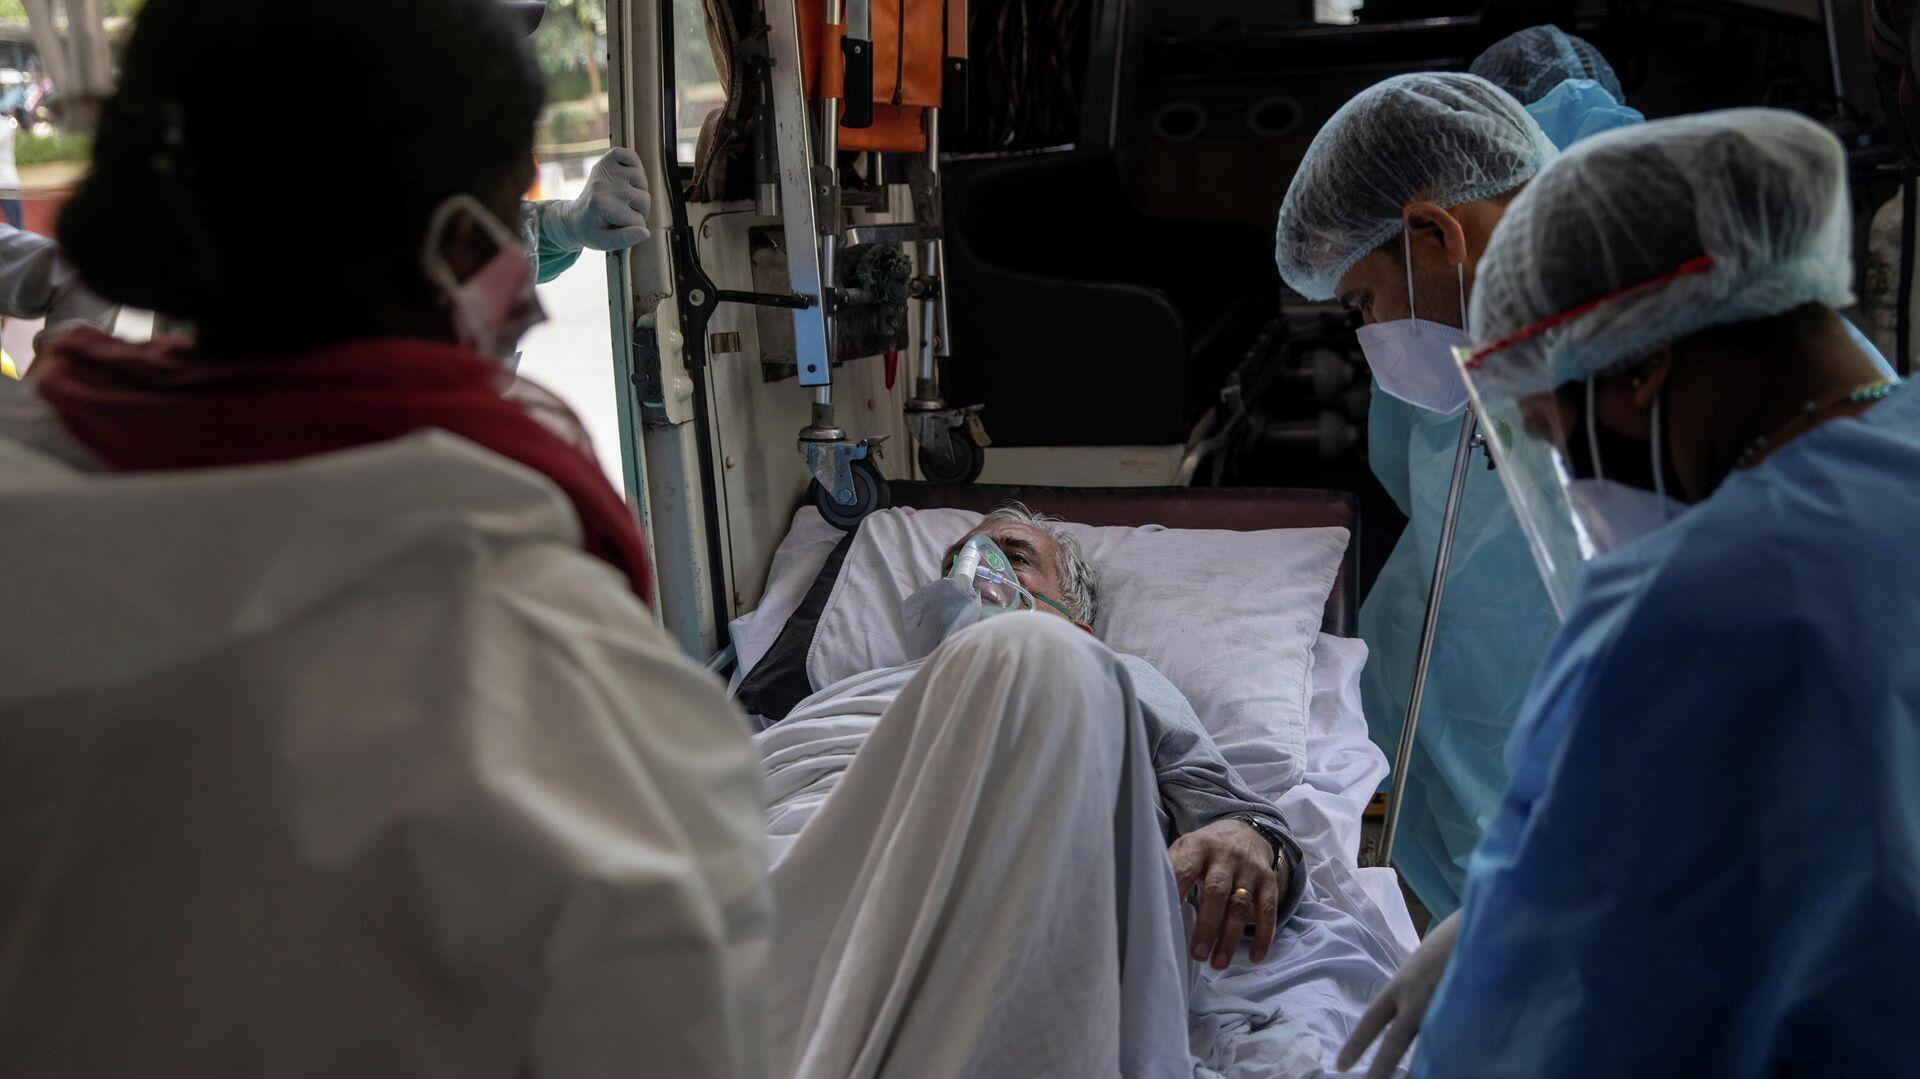 Paziente Covid in un ospedale in India - Sputnik Italia, 1920, 24.05.2021